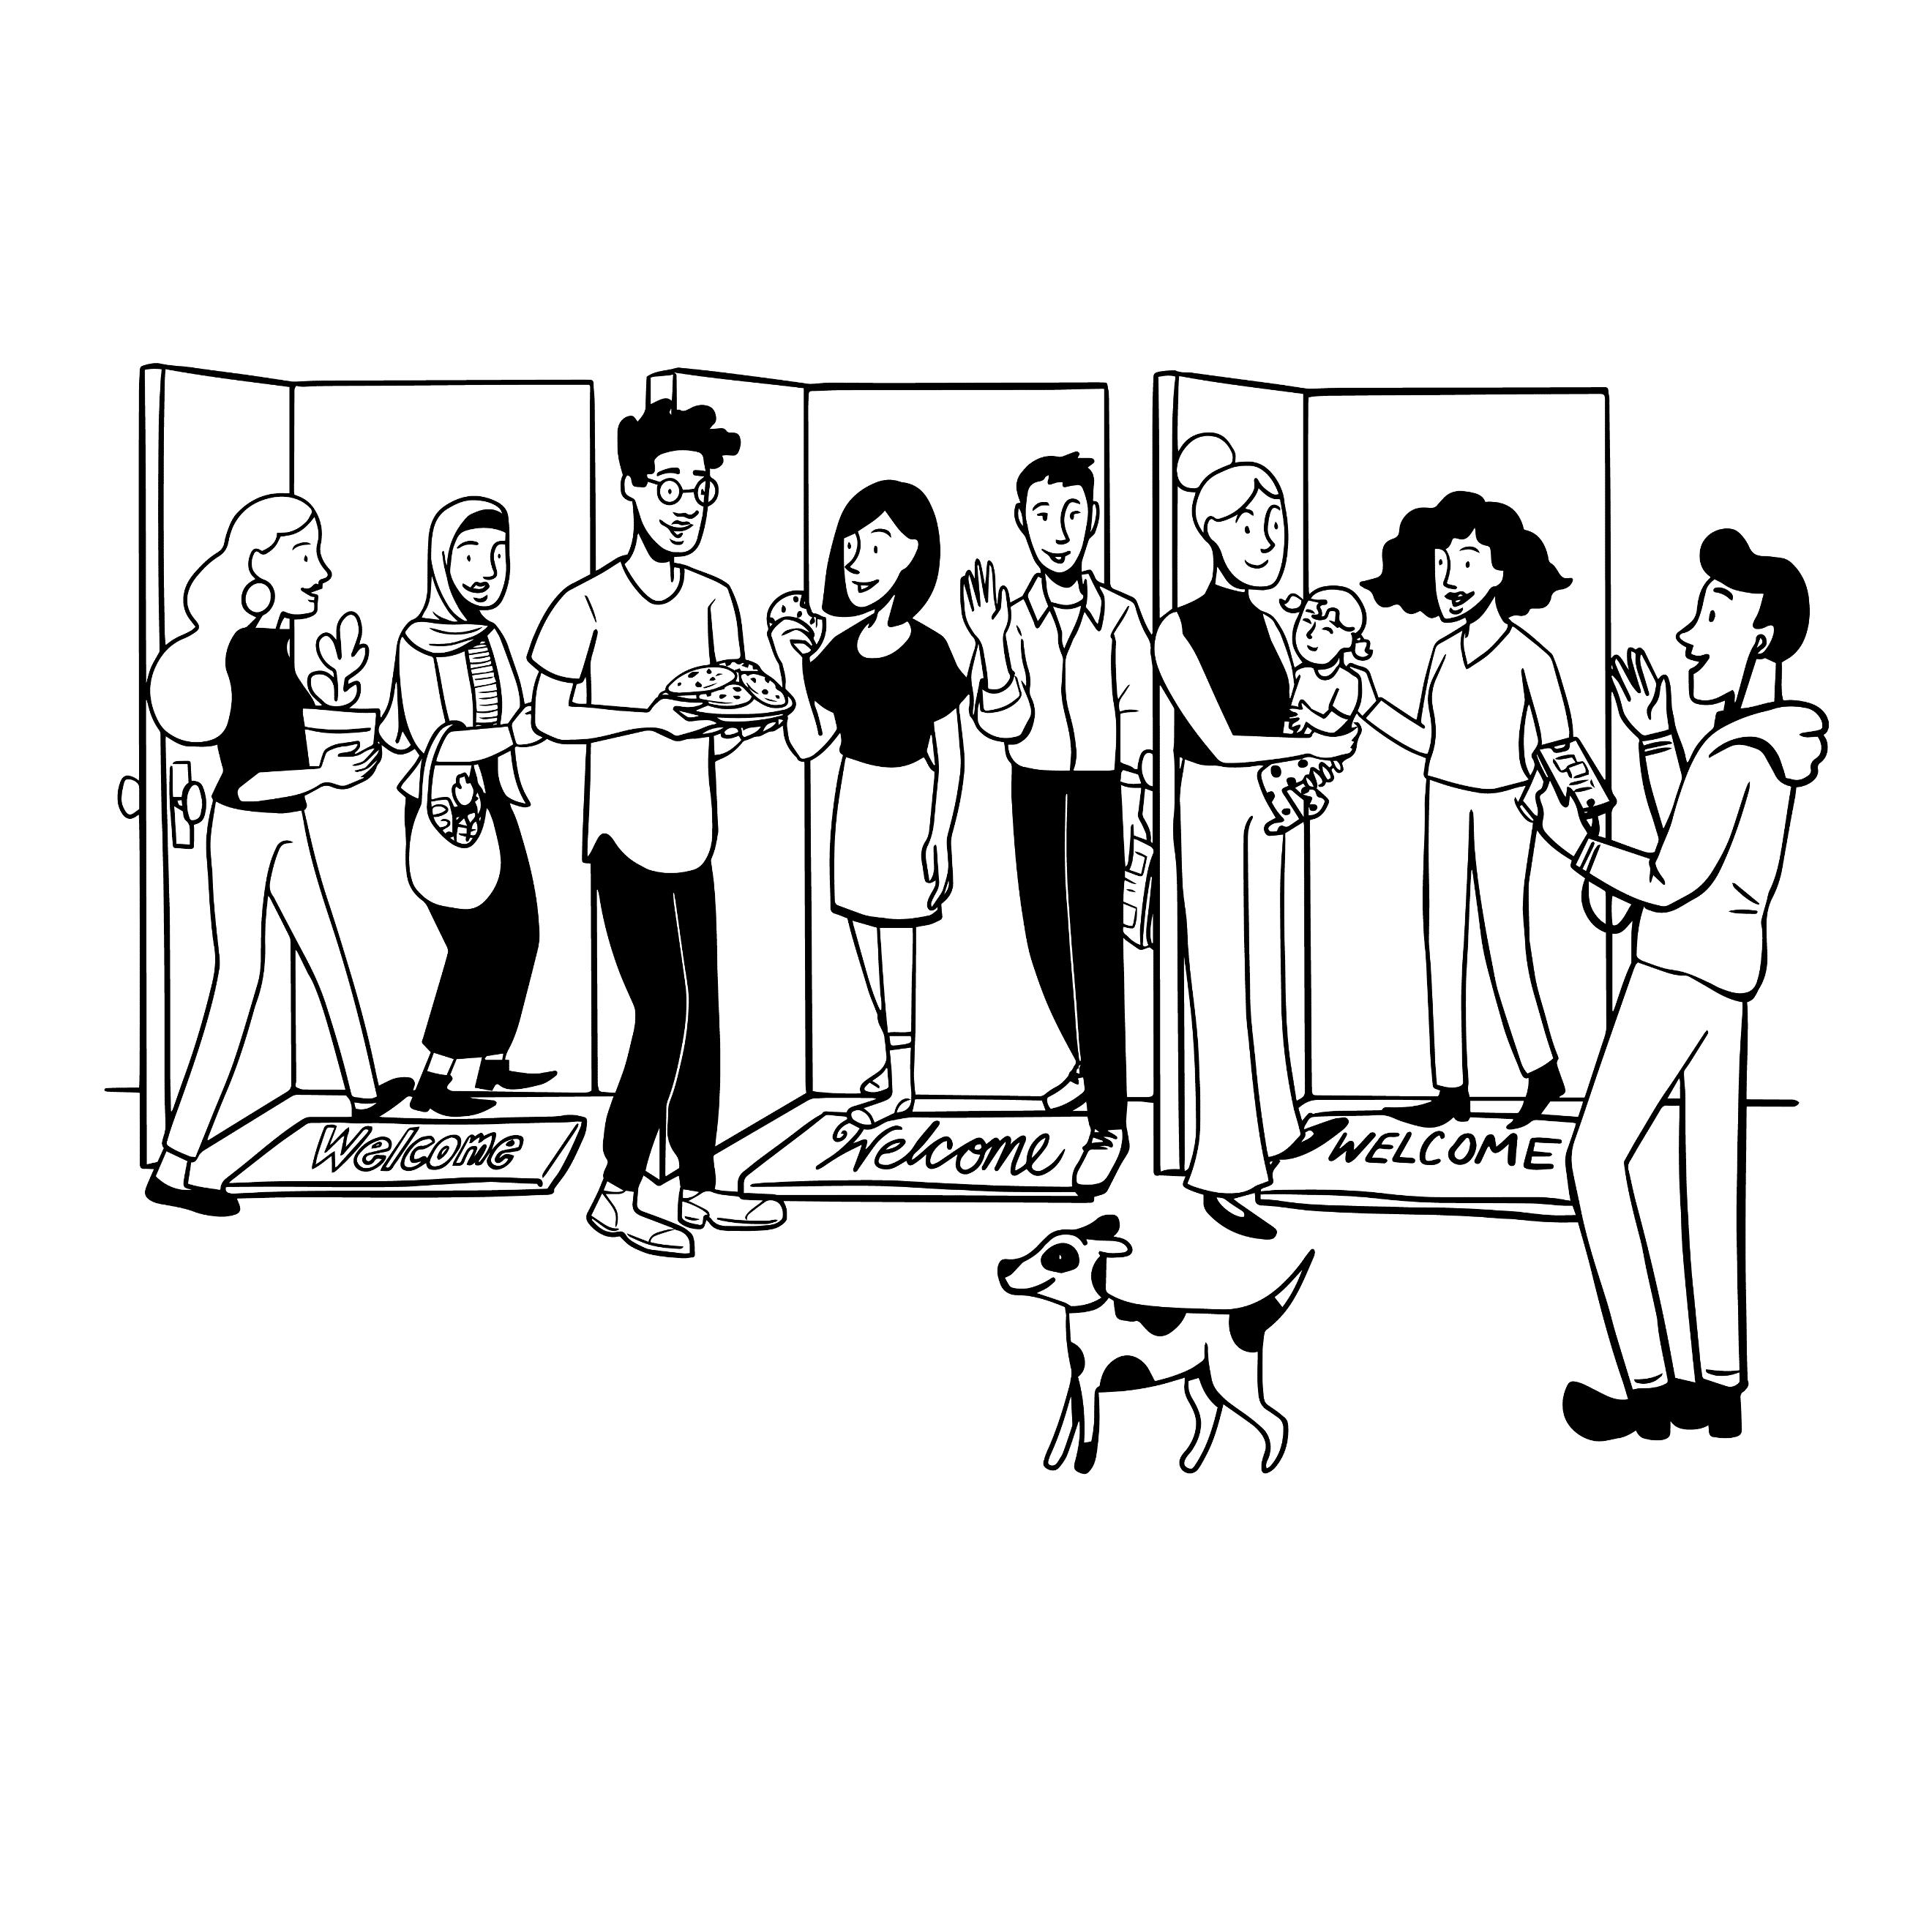 career-development-illustration